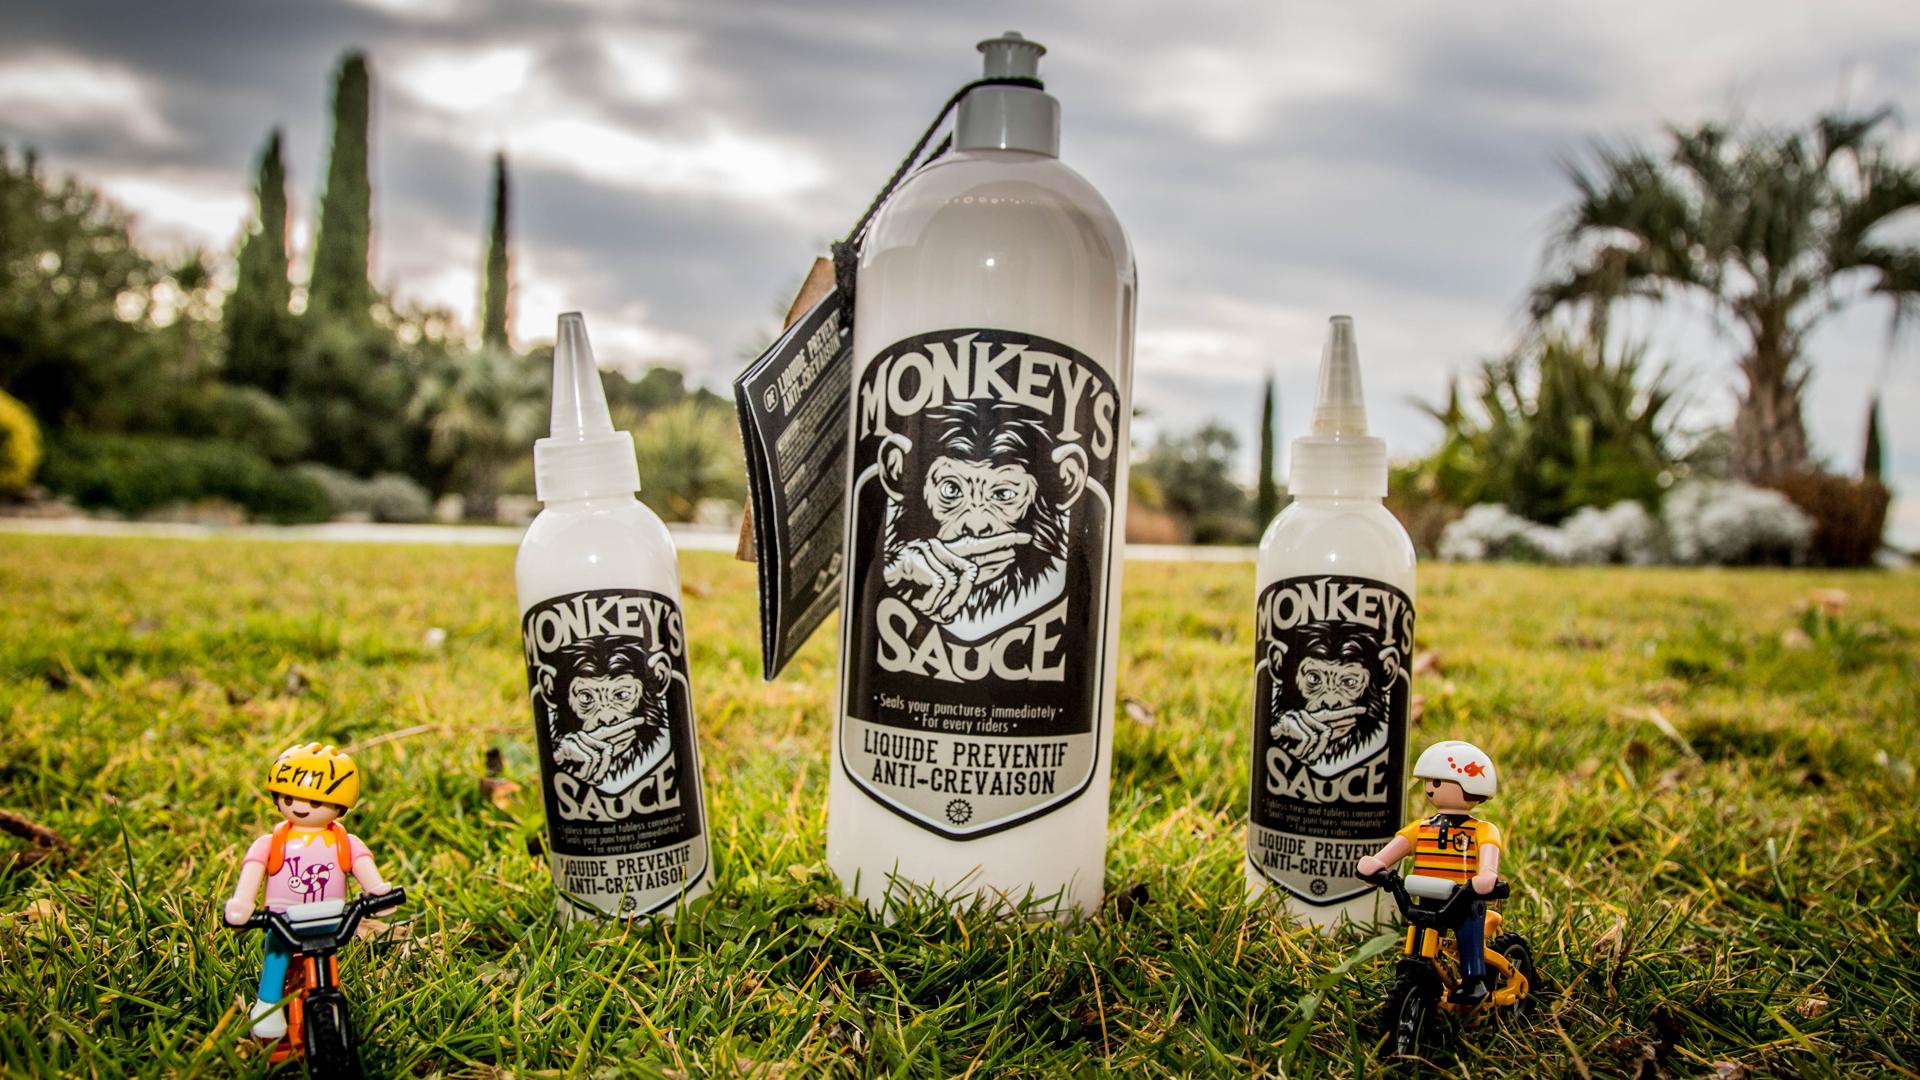 Monkey's Sauce